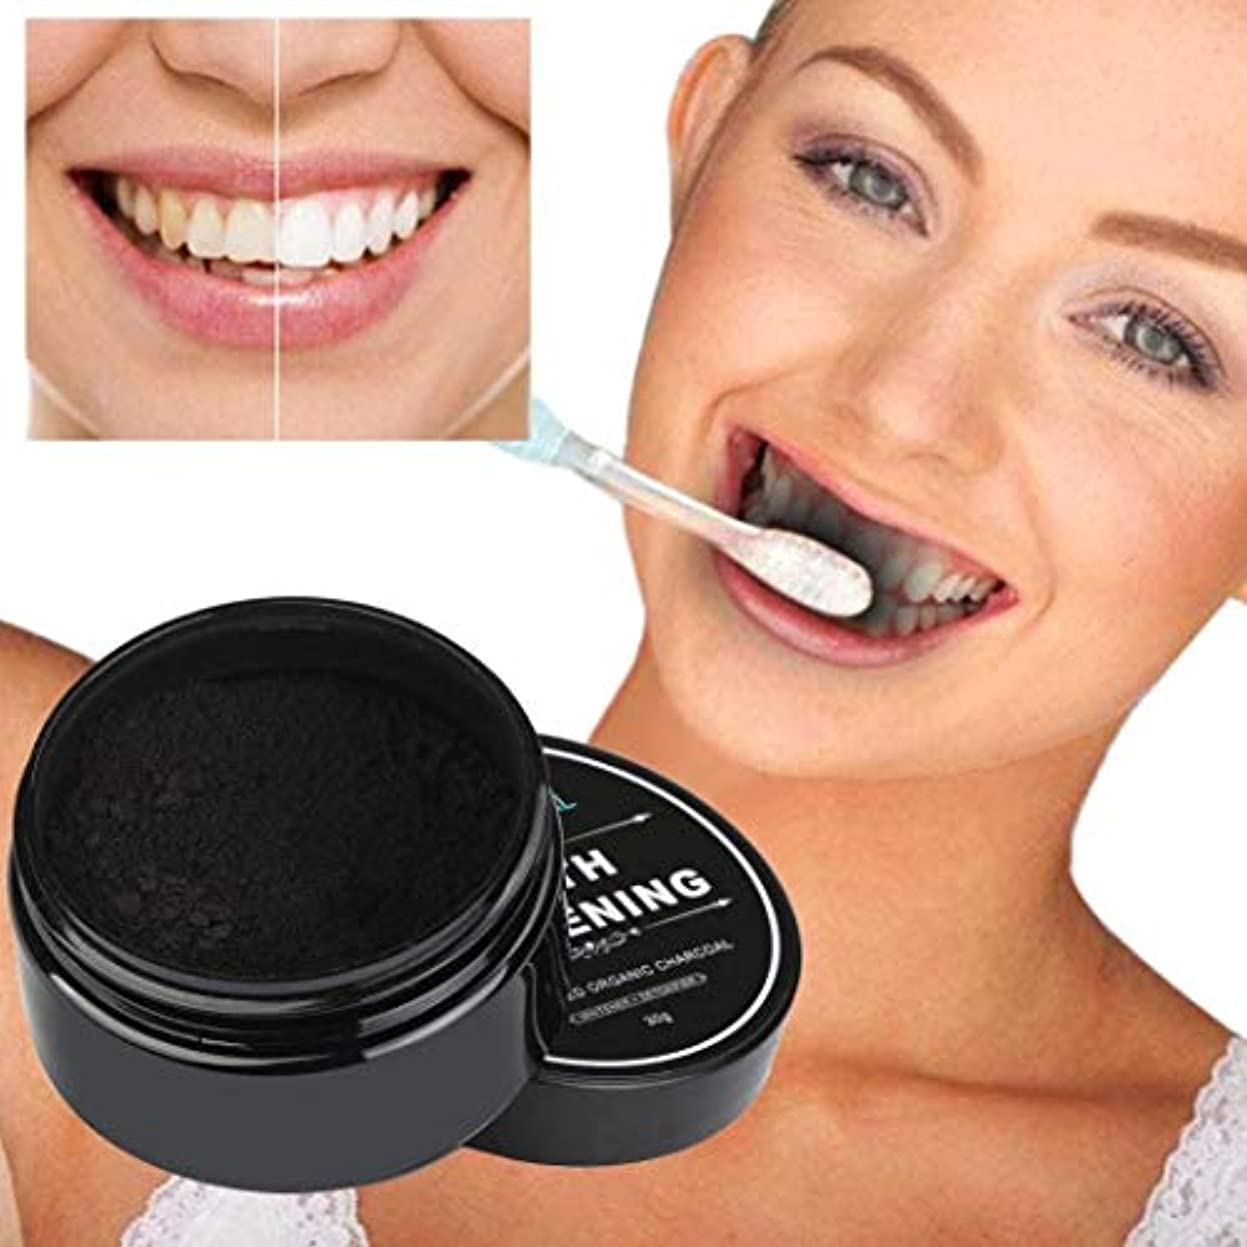 コースドメイン酸化するGgorw 歯のホワイトニング 竹炭 美白歯磨きパウダー オーラルケア ハミガキ粉 ホワイトニング活性炭 口臭消去